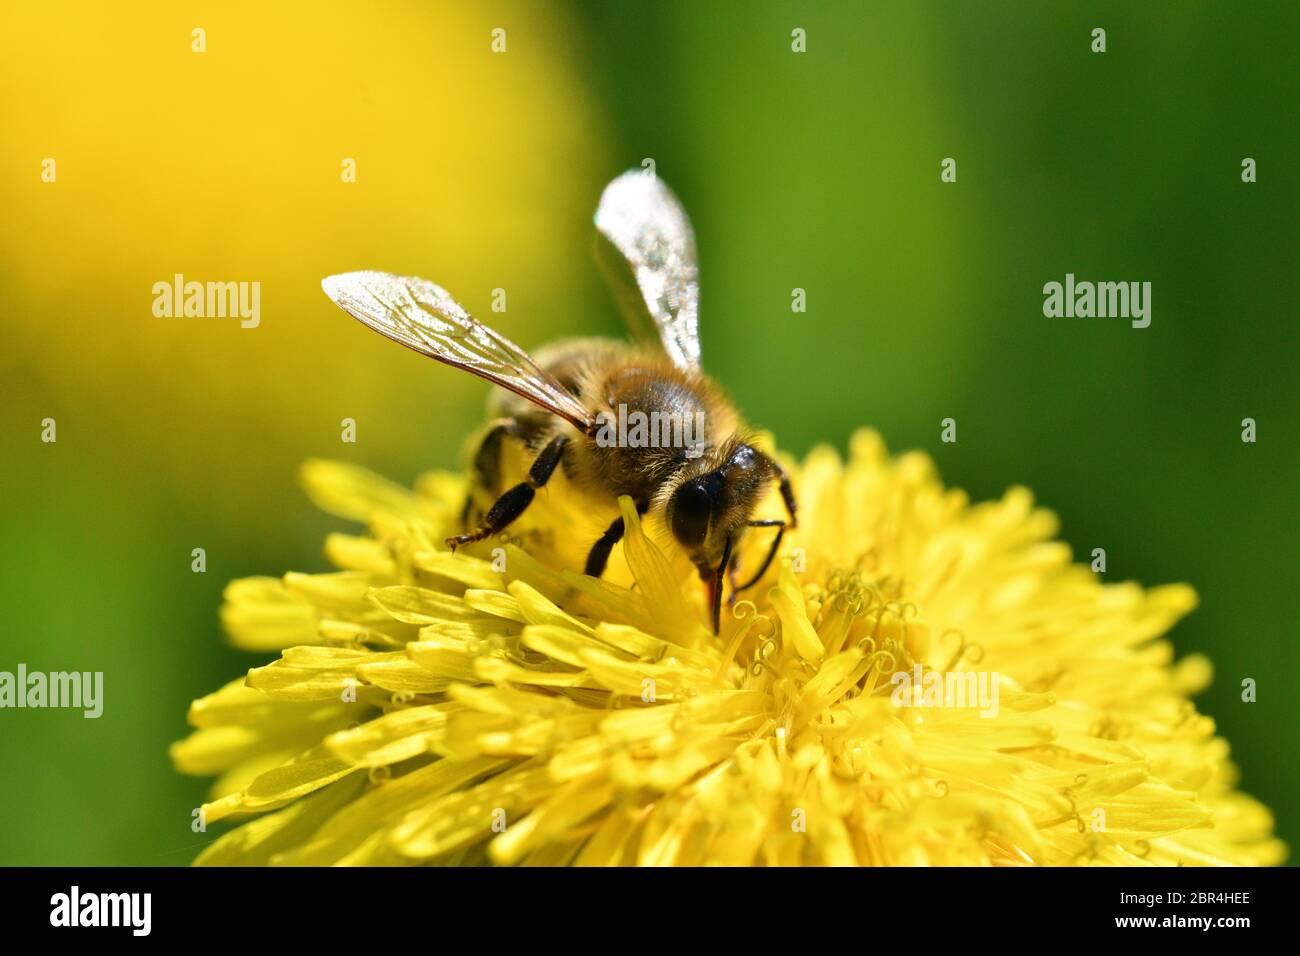 Macrofotografía de abeja polinizando diente de león amarillo en flor Foto de stock